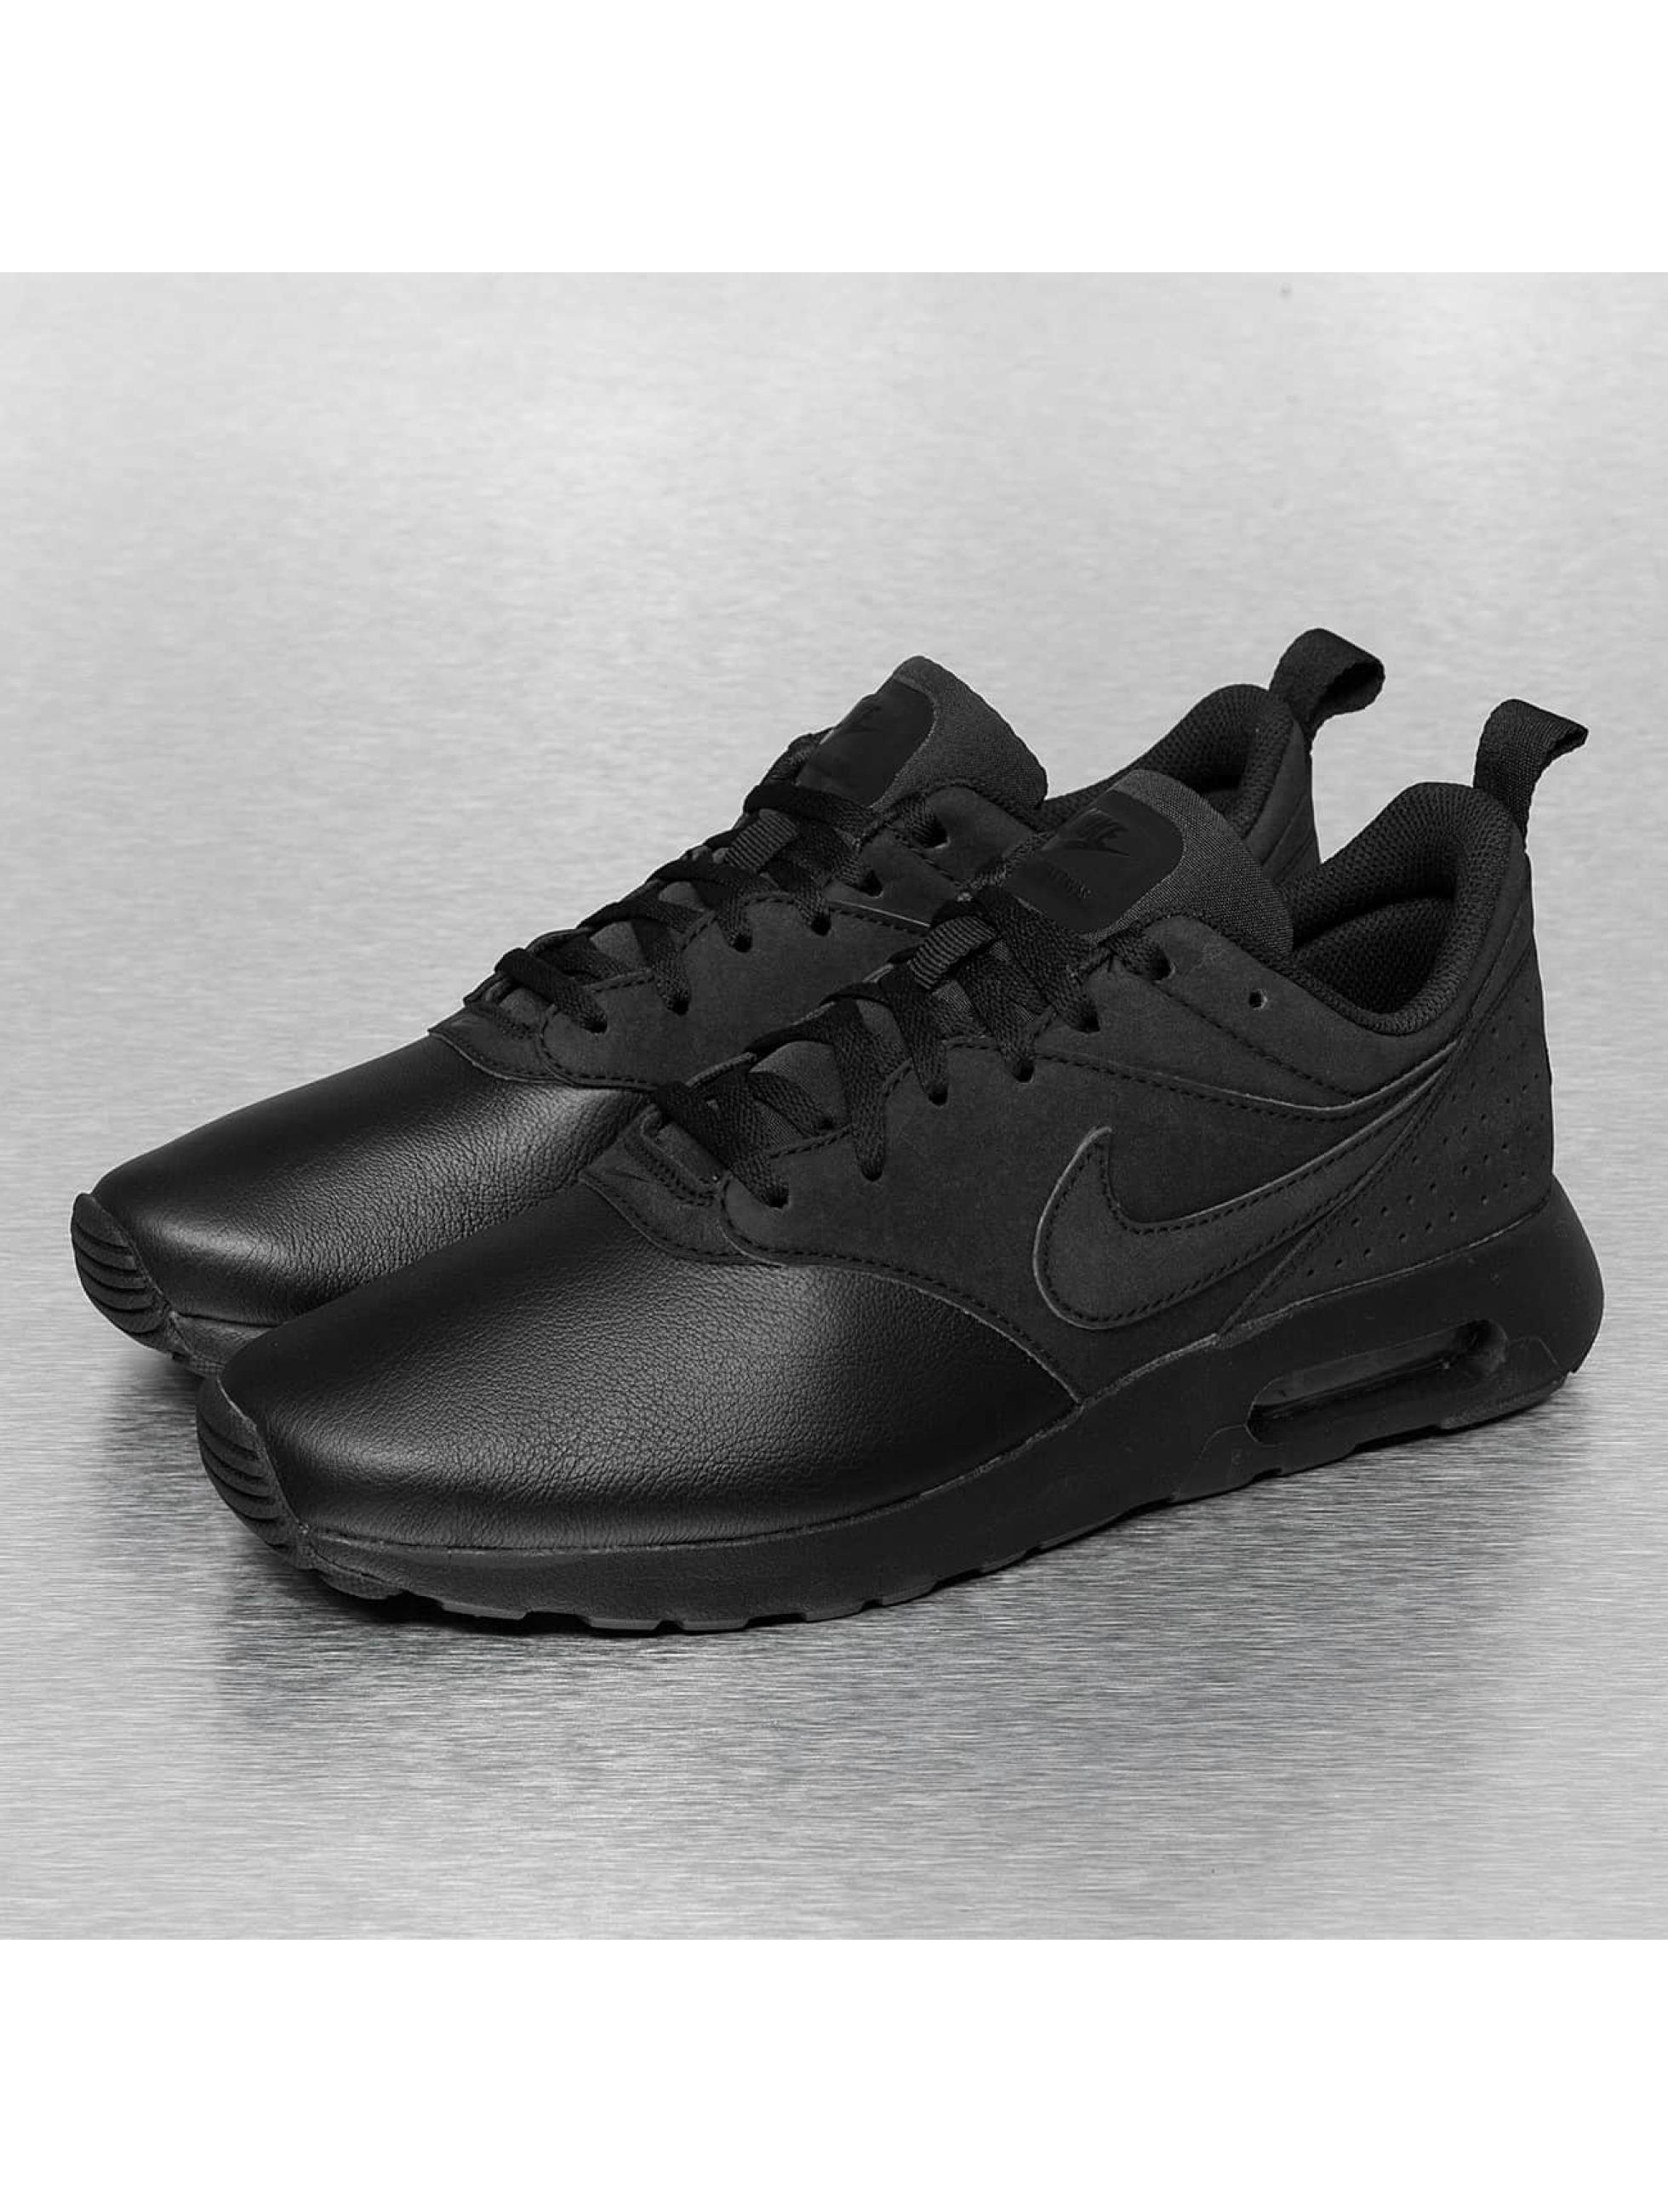 Air Max Tavas Leather Black